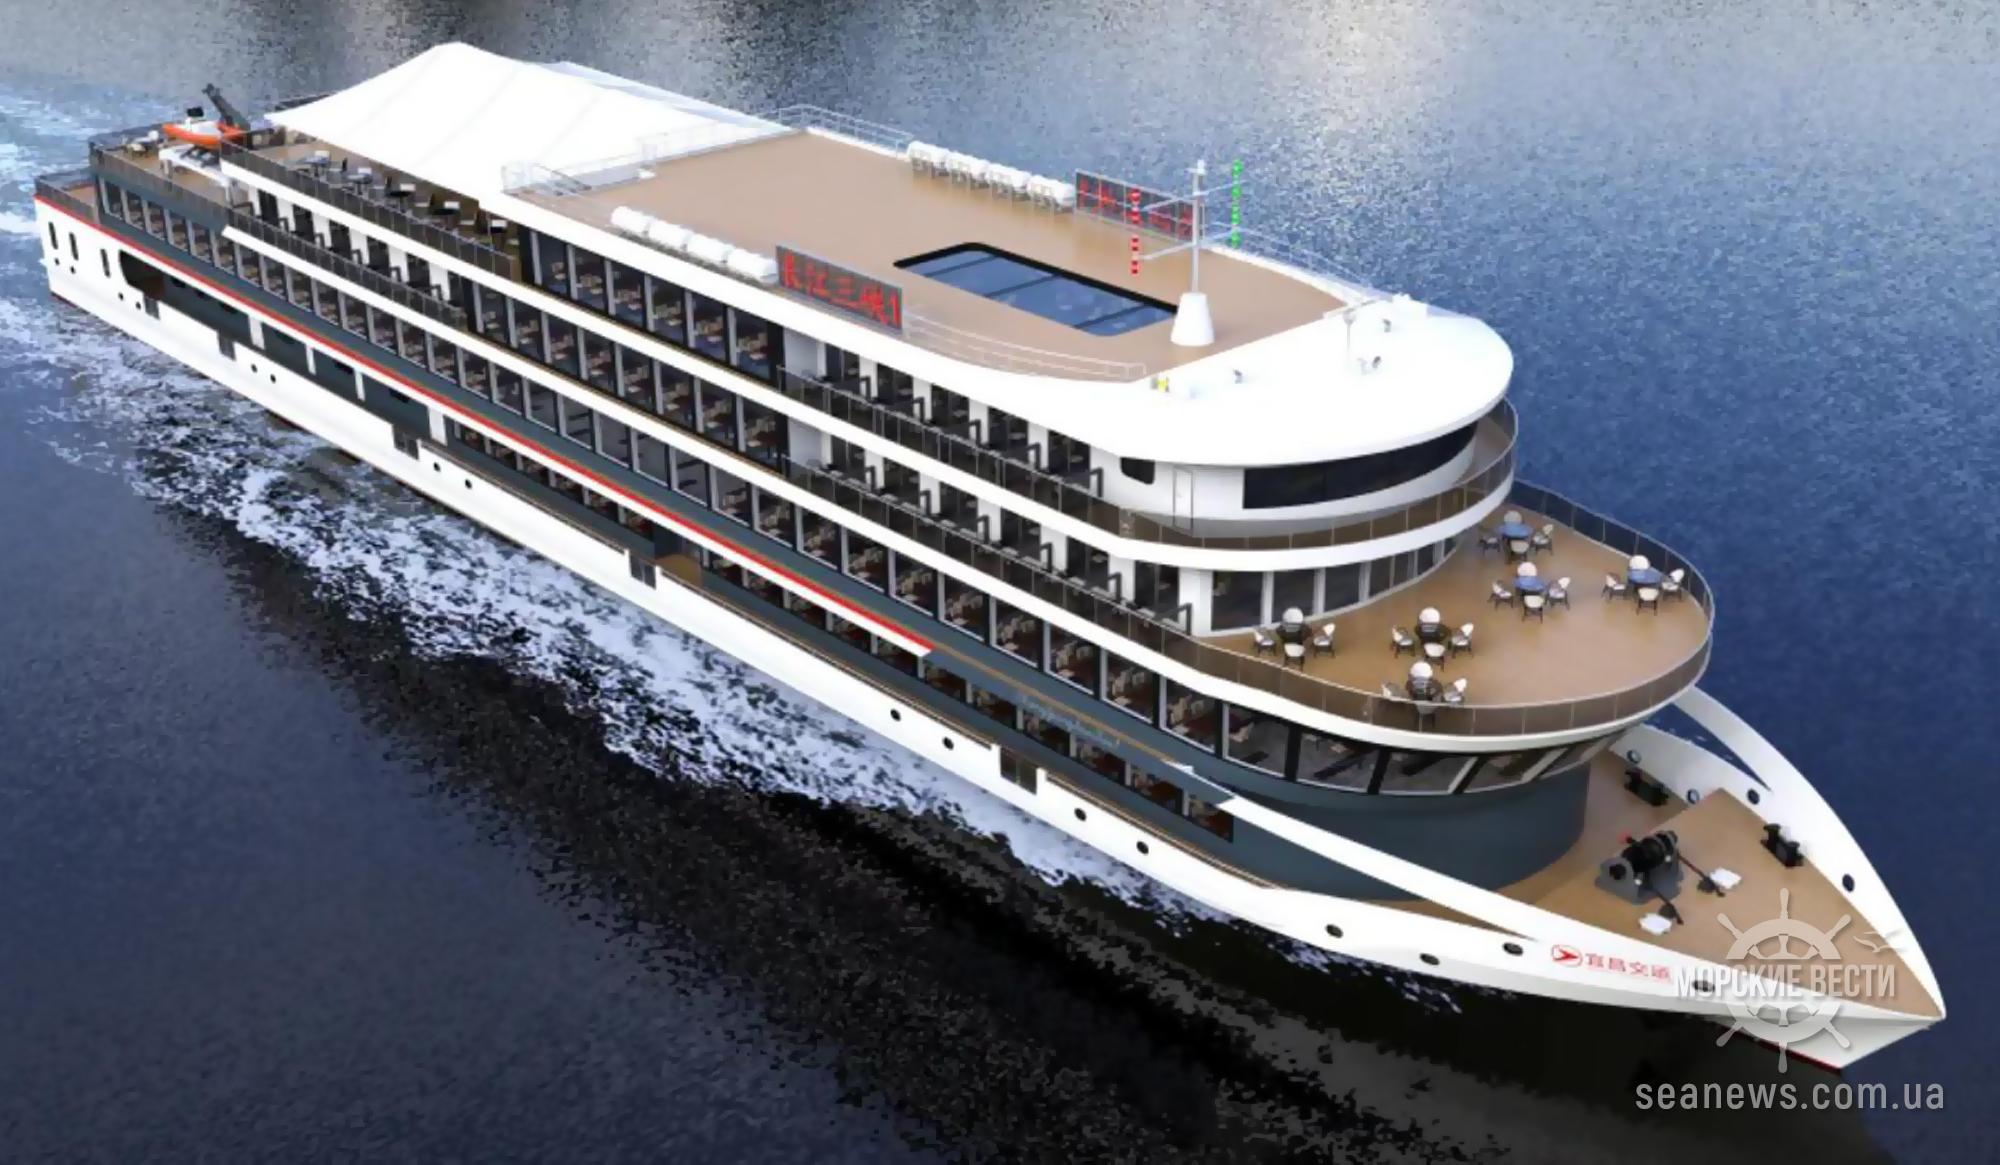 В Китае начали строительство крупнейшего в мире электрического судна